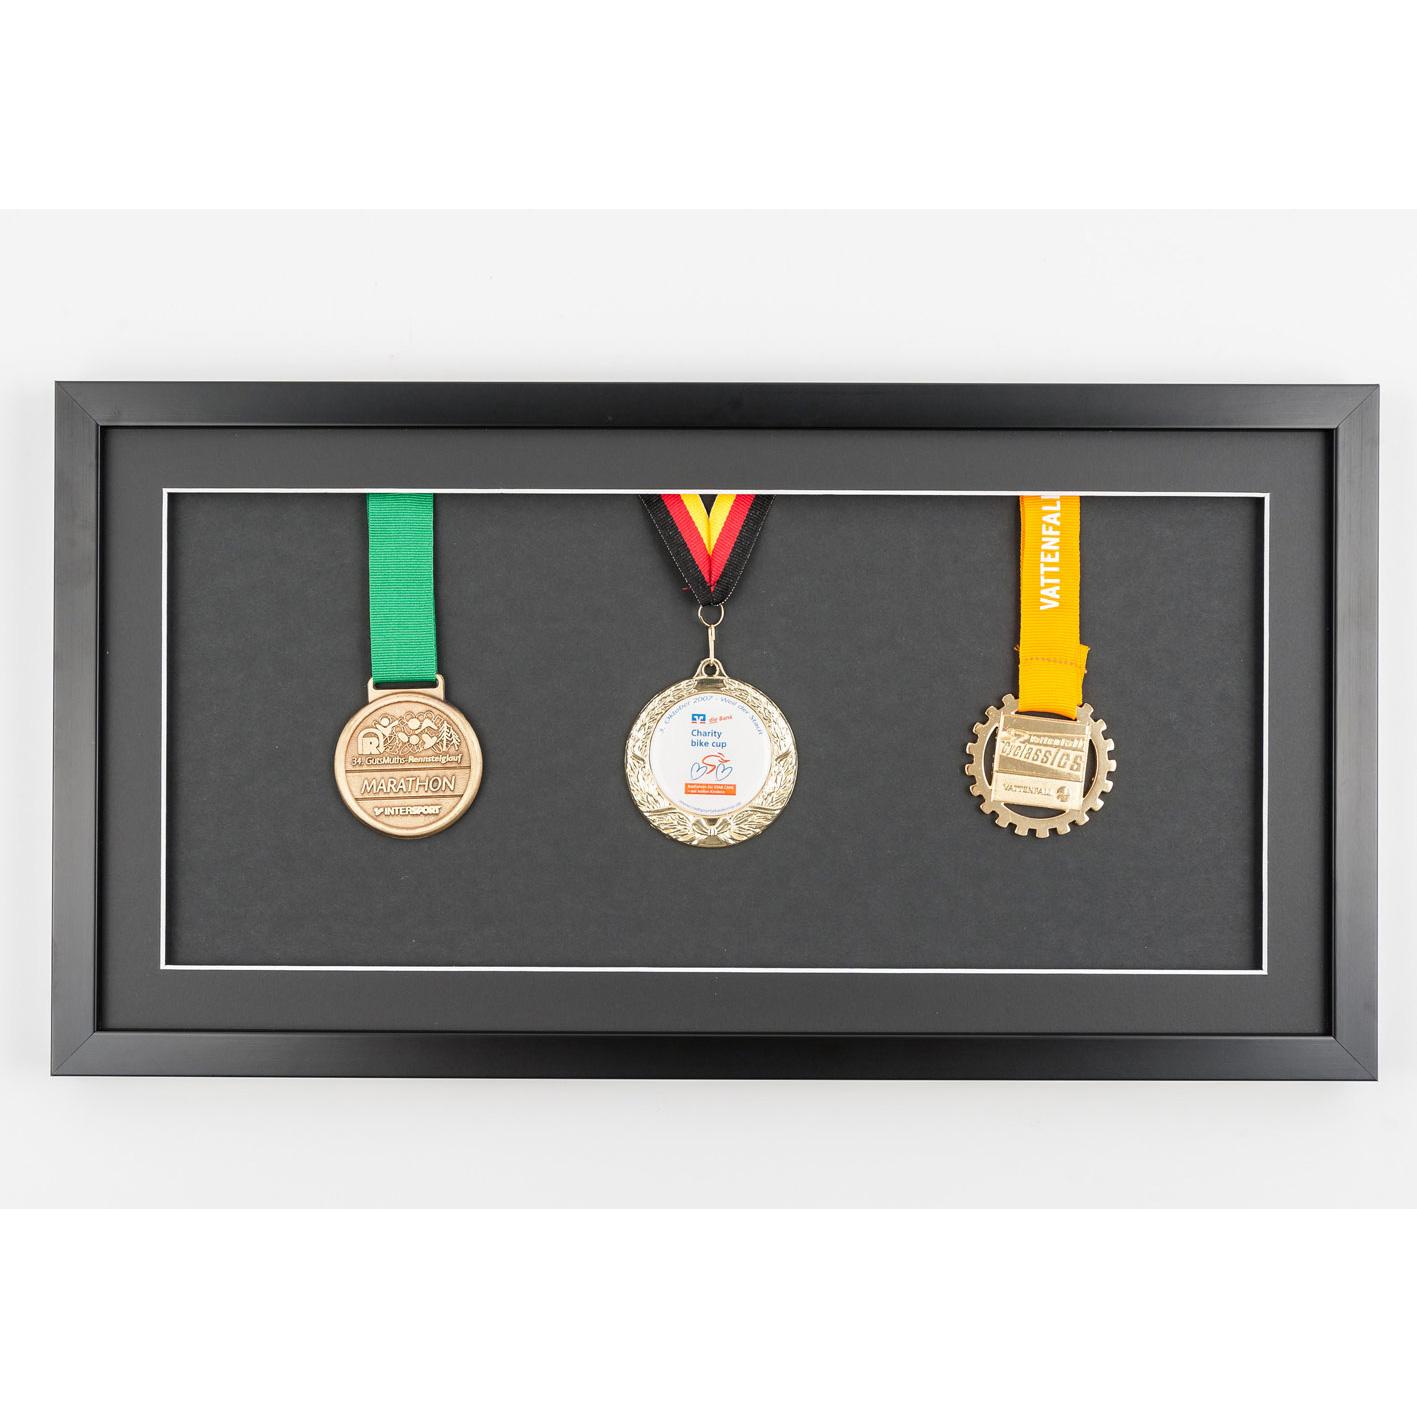 Bilderrahmen für Medaillen | AllesRahmen.de